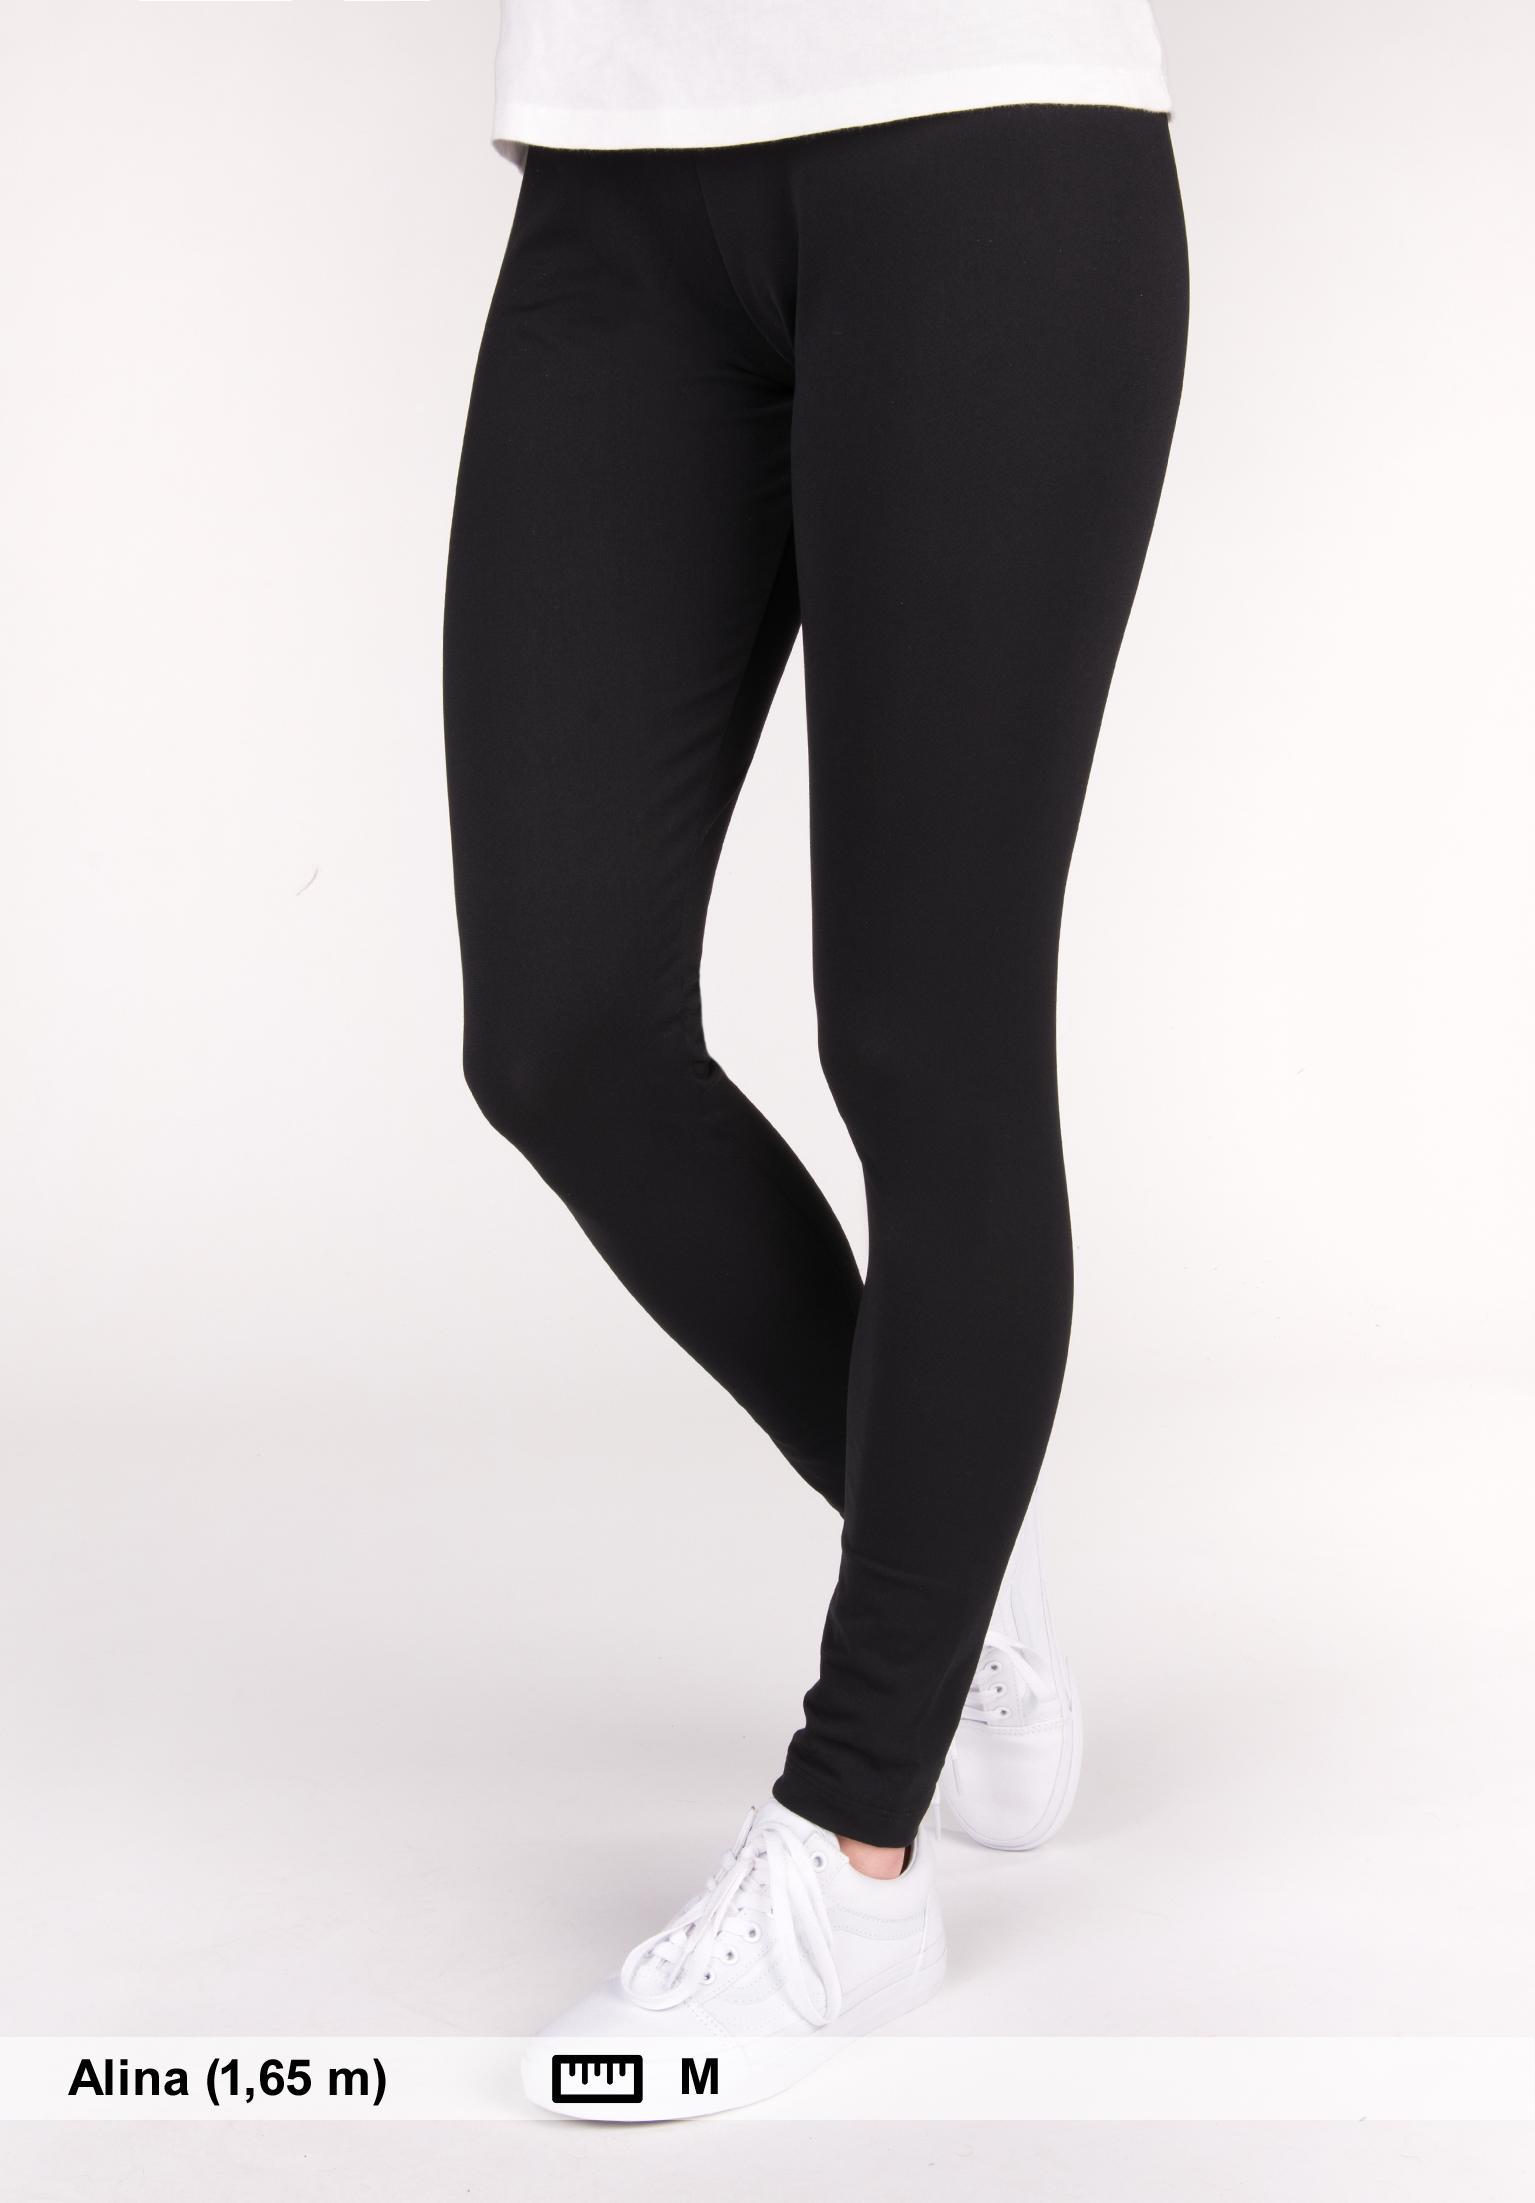 Acheter des leggings pour femme sur le shop en ligne Titus   Titus.com    Titus d9e87ce9796f